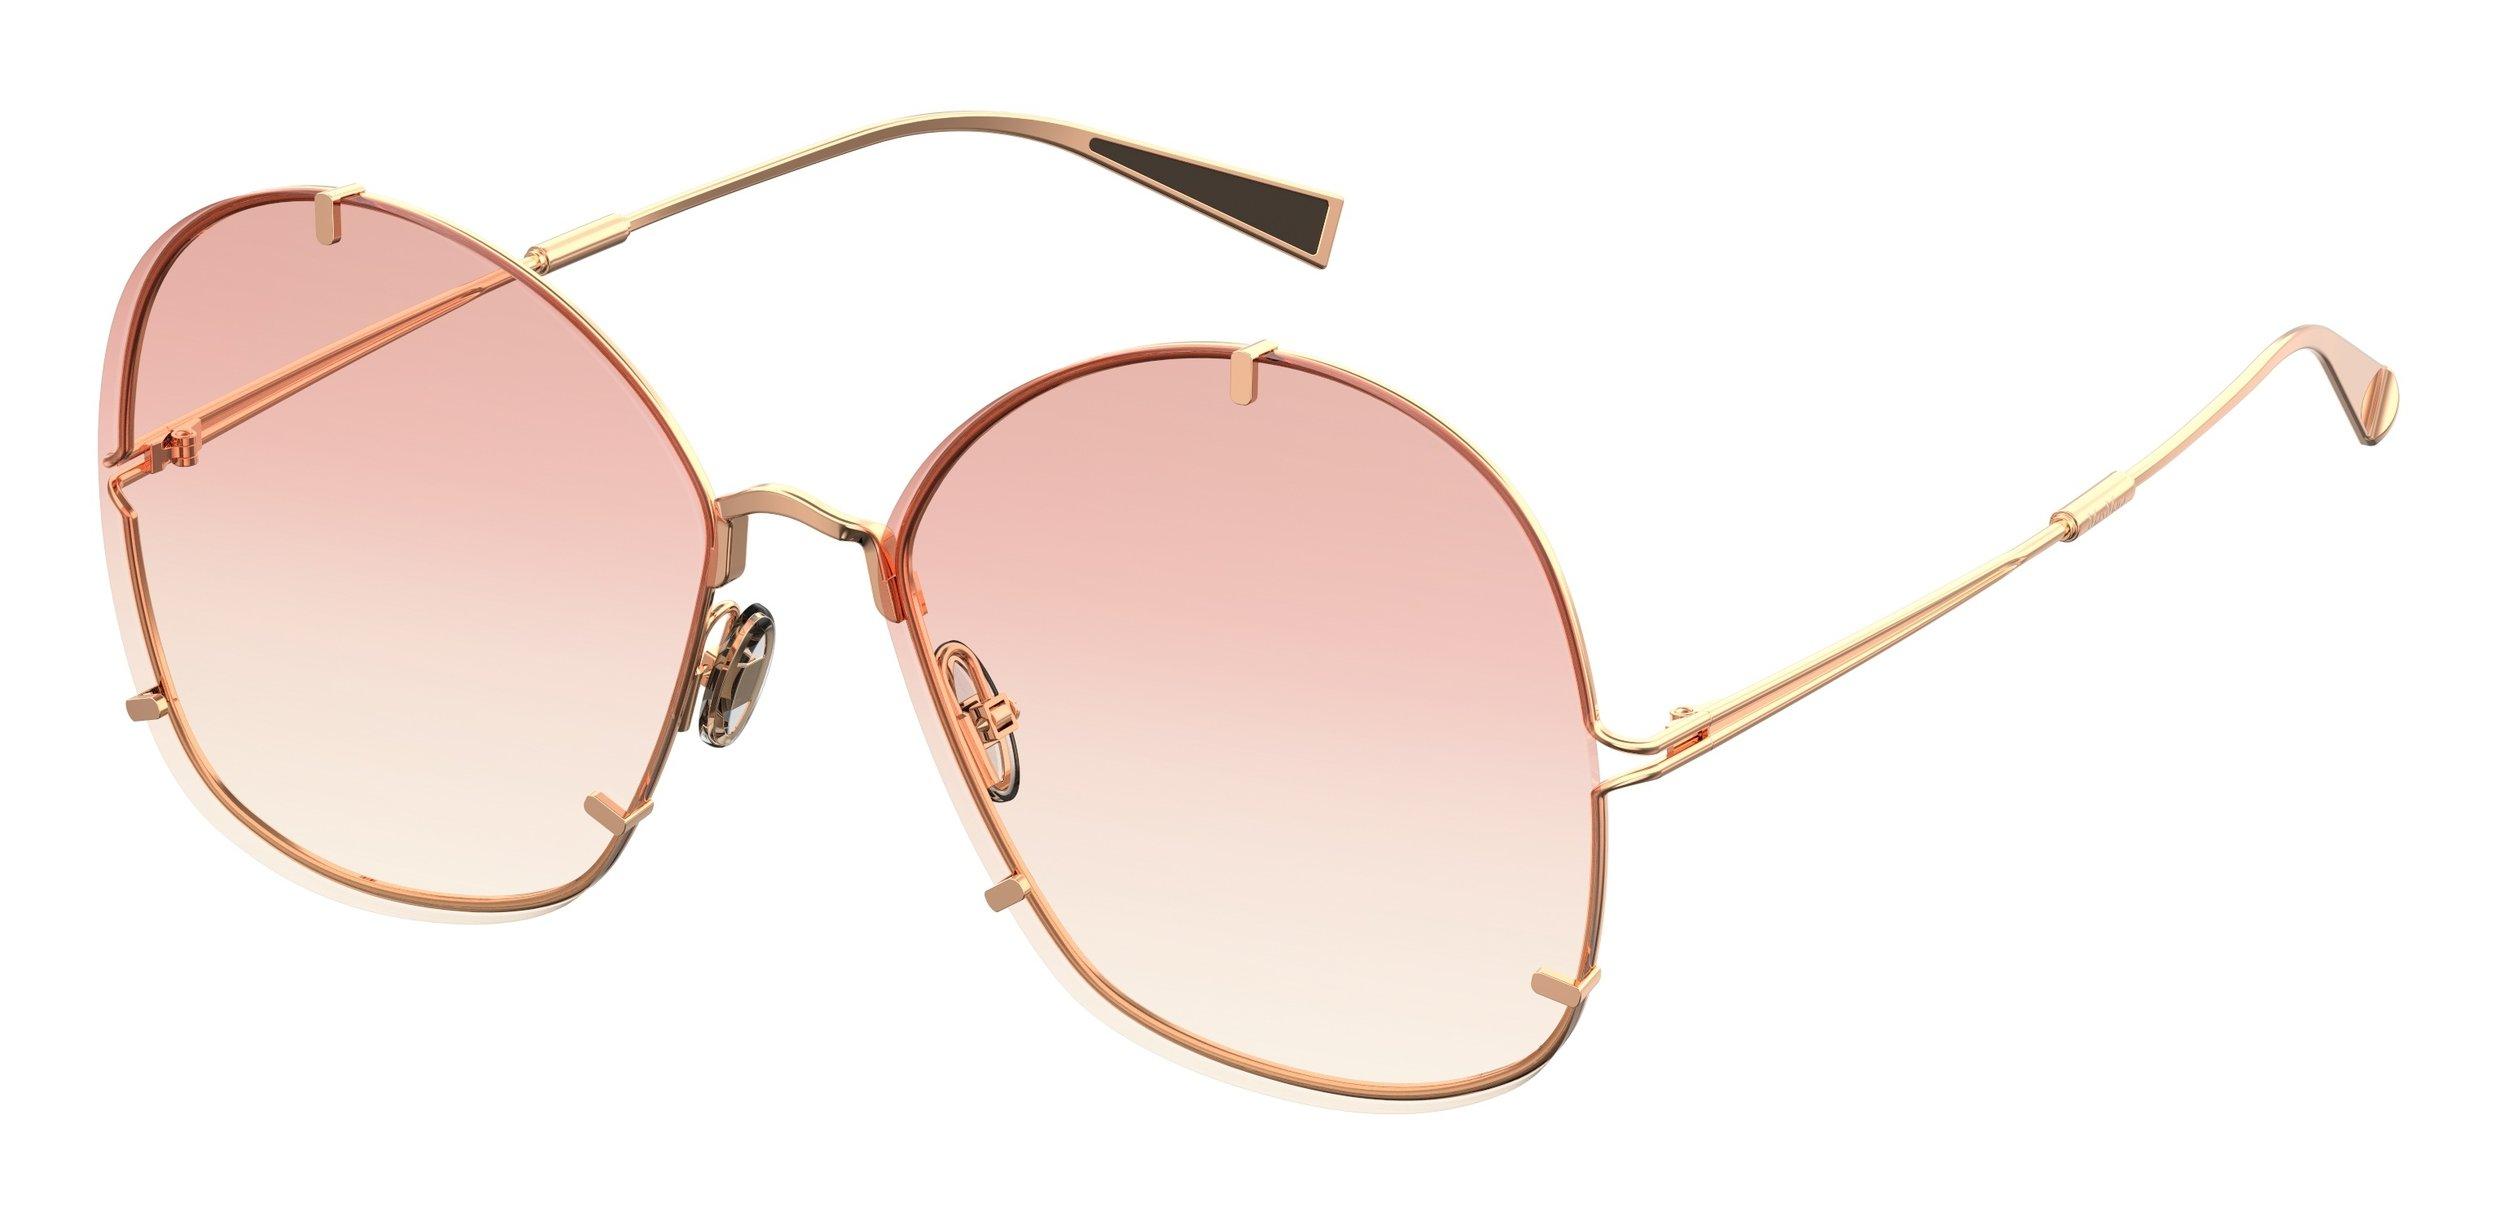 Max Mara sunglasses by Safilo